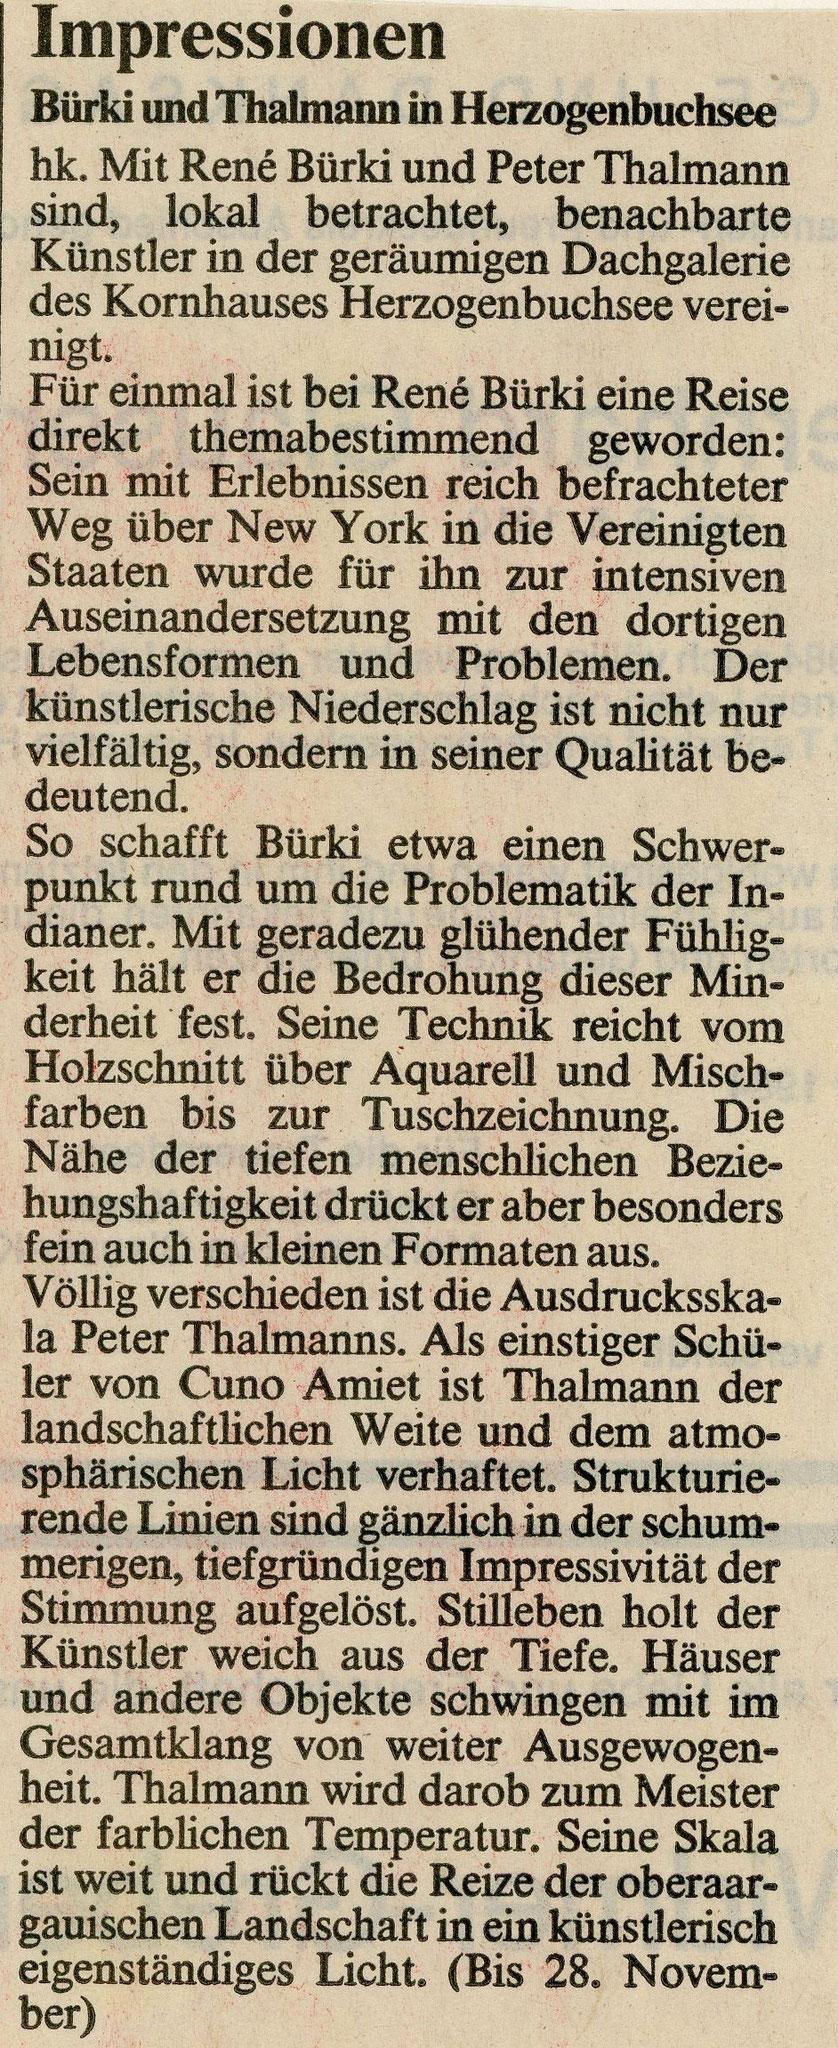 1984, Kornhaus Herzogenbuchsee: Zeitungsbericht